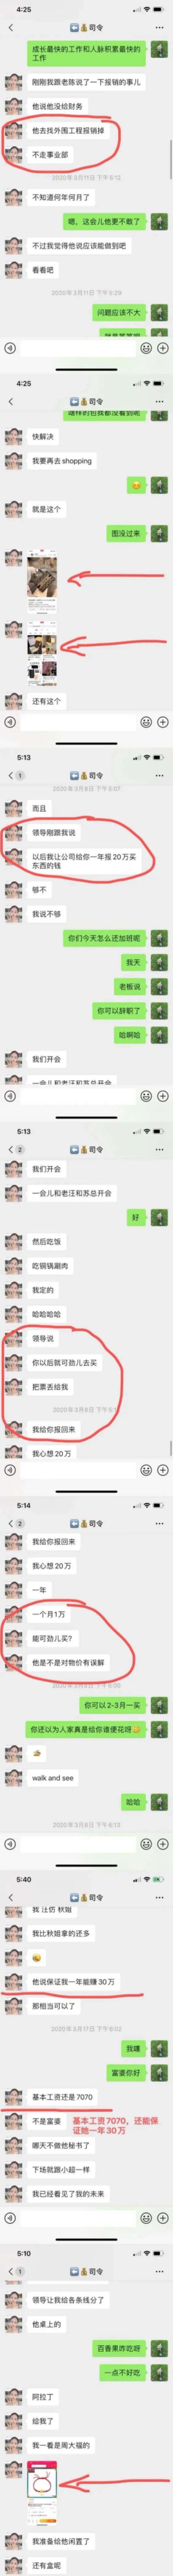 绿地丑闻的后续:张雨婷自曝夫妻不合早就想离婚,聊天记录曝光后惨遭打脸